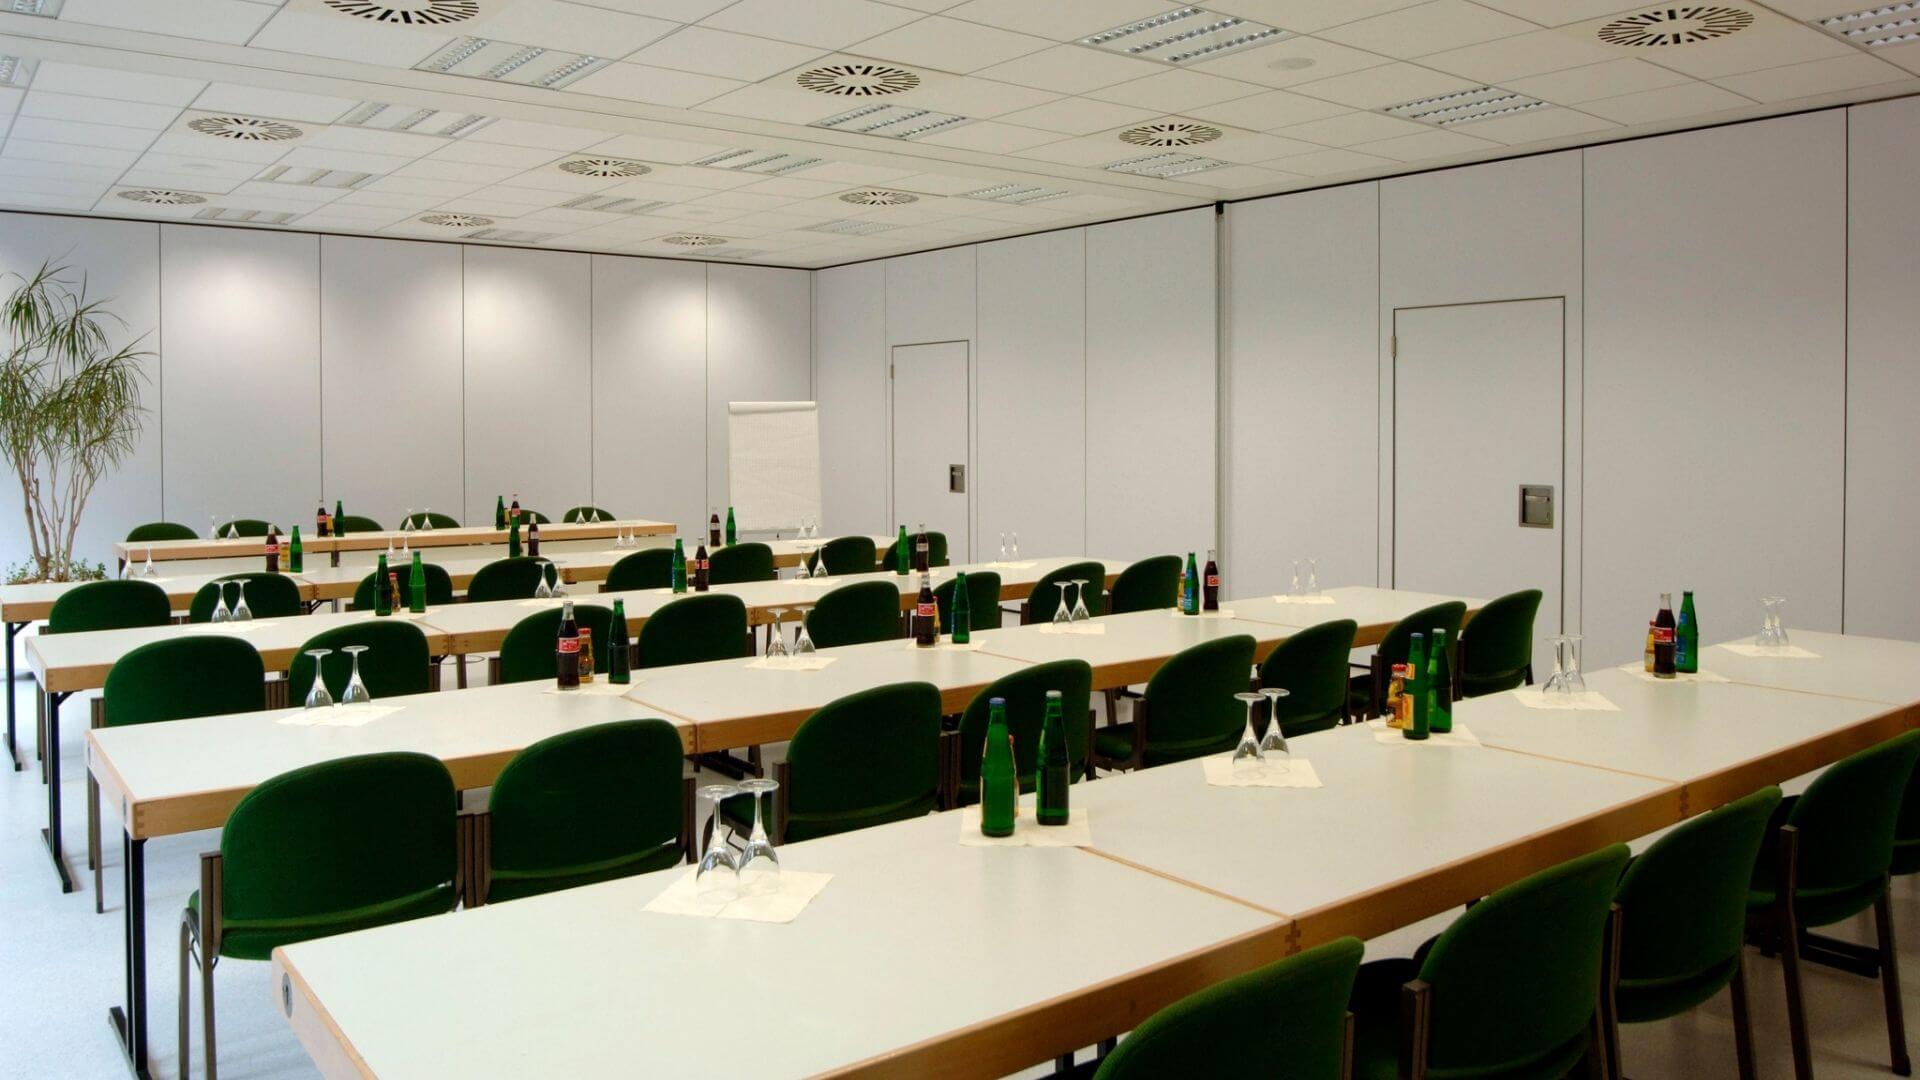 Saarlandhalle Saal 8 Parlamentarische Bestuhlung Becker und Bredel